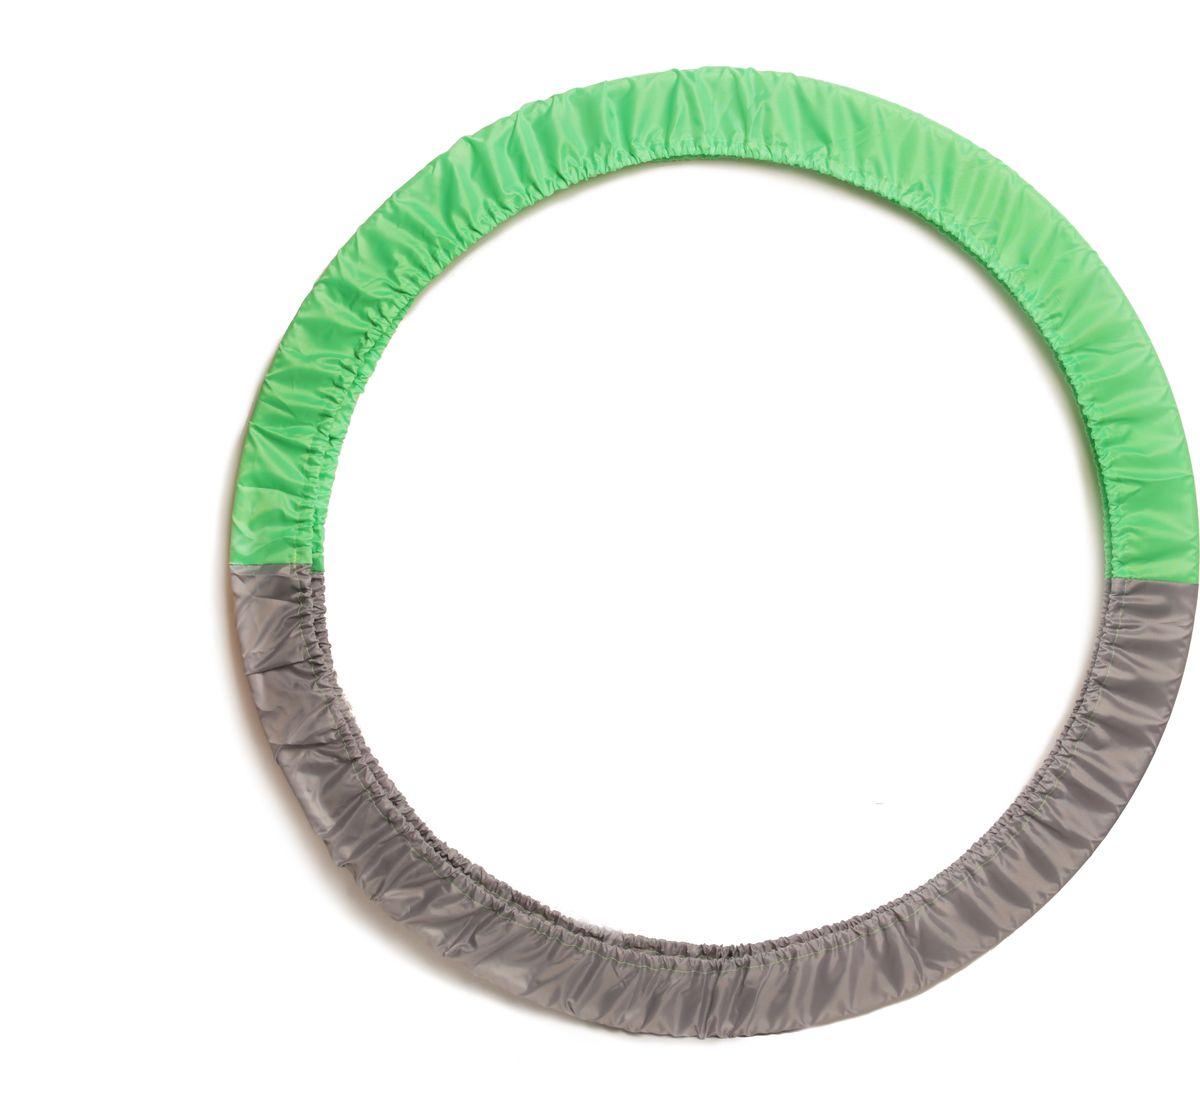 Чехол для обруча Indigo, цвет: салатово-серый, диаметр 60 х 90 см00022399Чехол для обруча от Российского производителя обеспечит его сохранность и удобство при транспортировке.Чехол для обруча - универсальный, рассчитан на все размеры обручей до 900 мм.